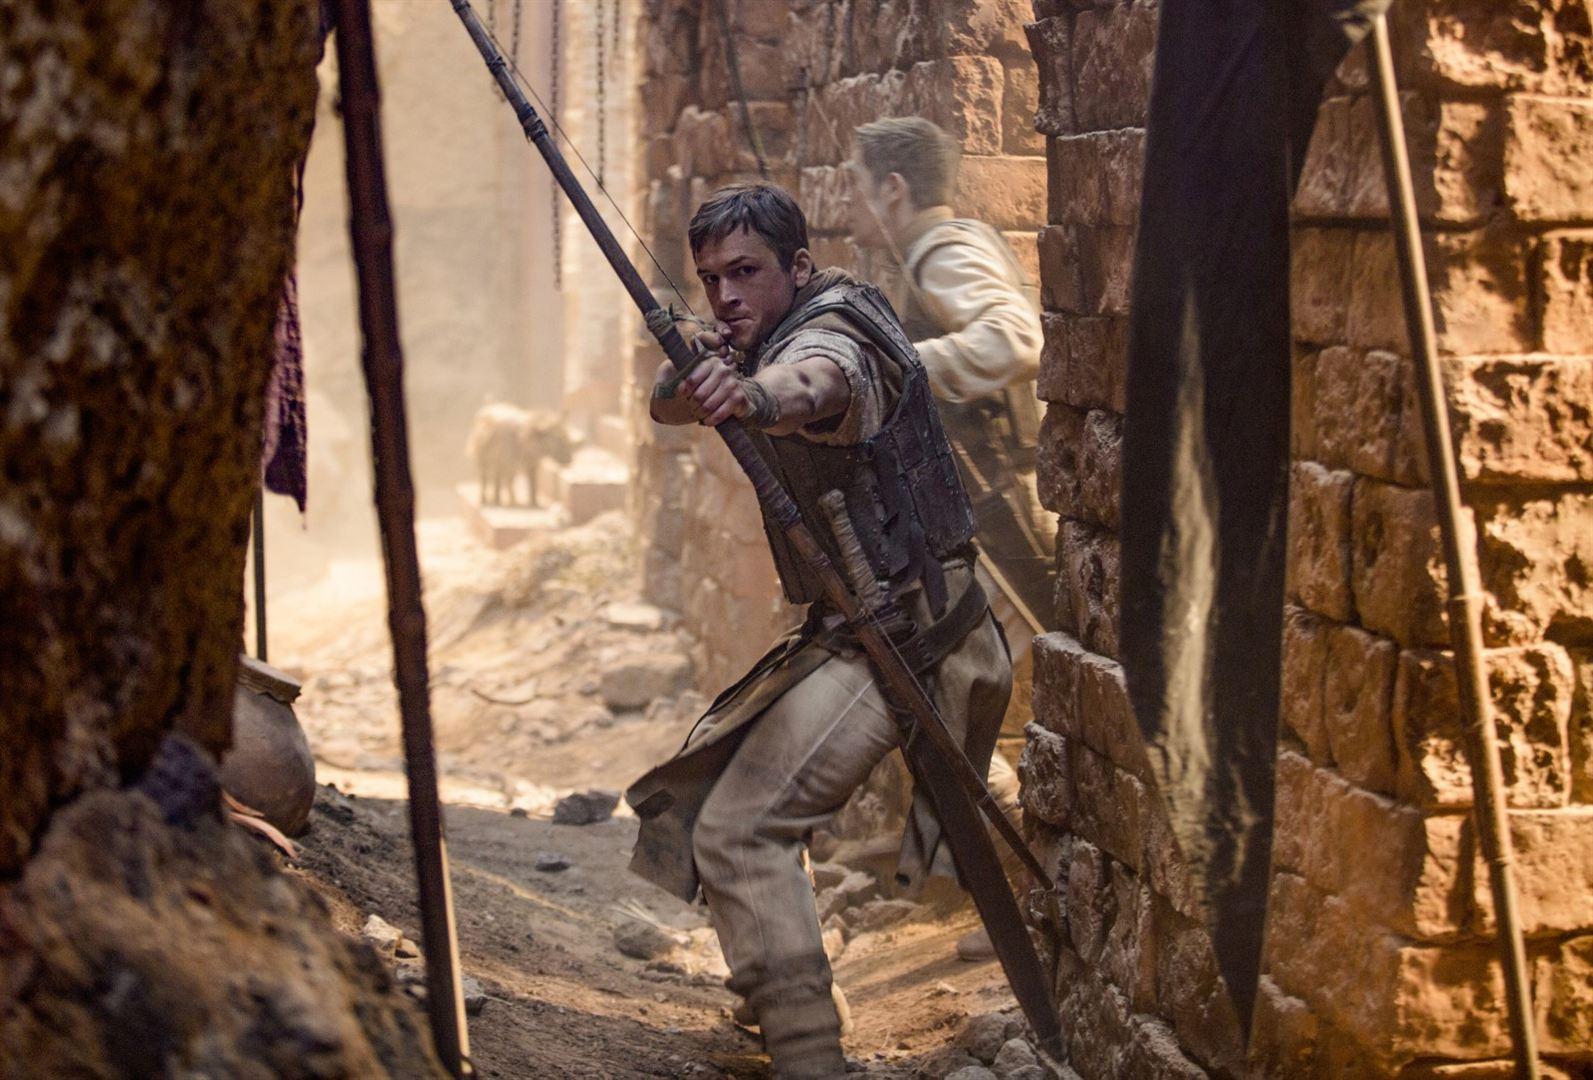 Robin Hood - A Origem | Taron Egerton mostra suas habilidades com flecha